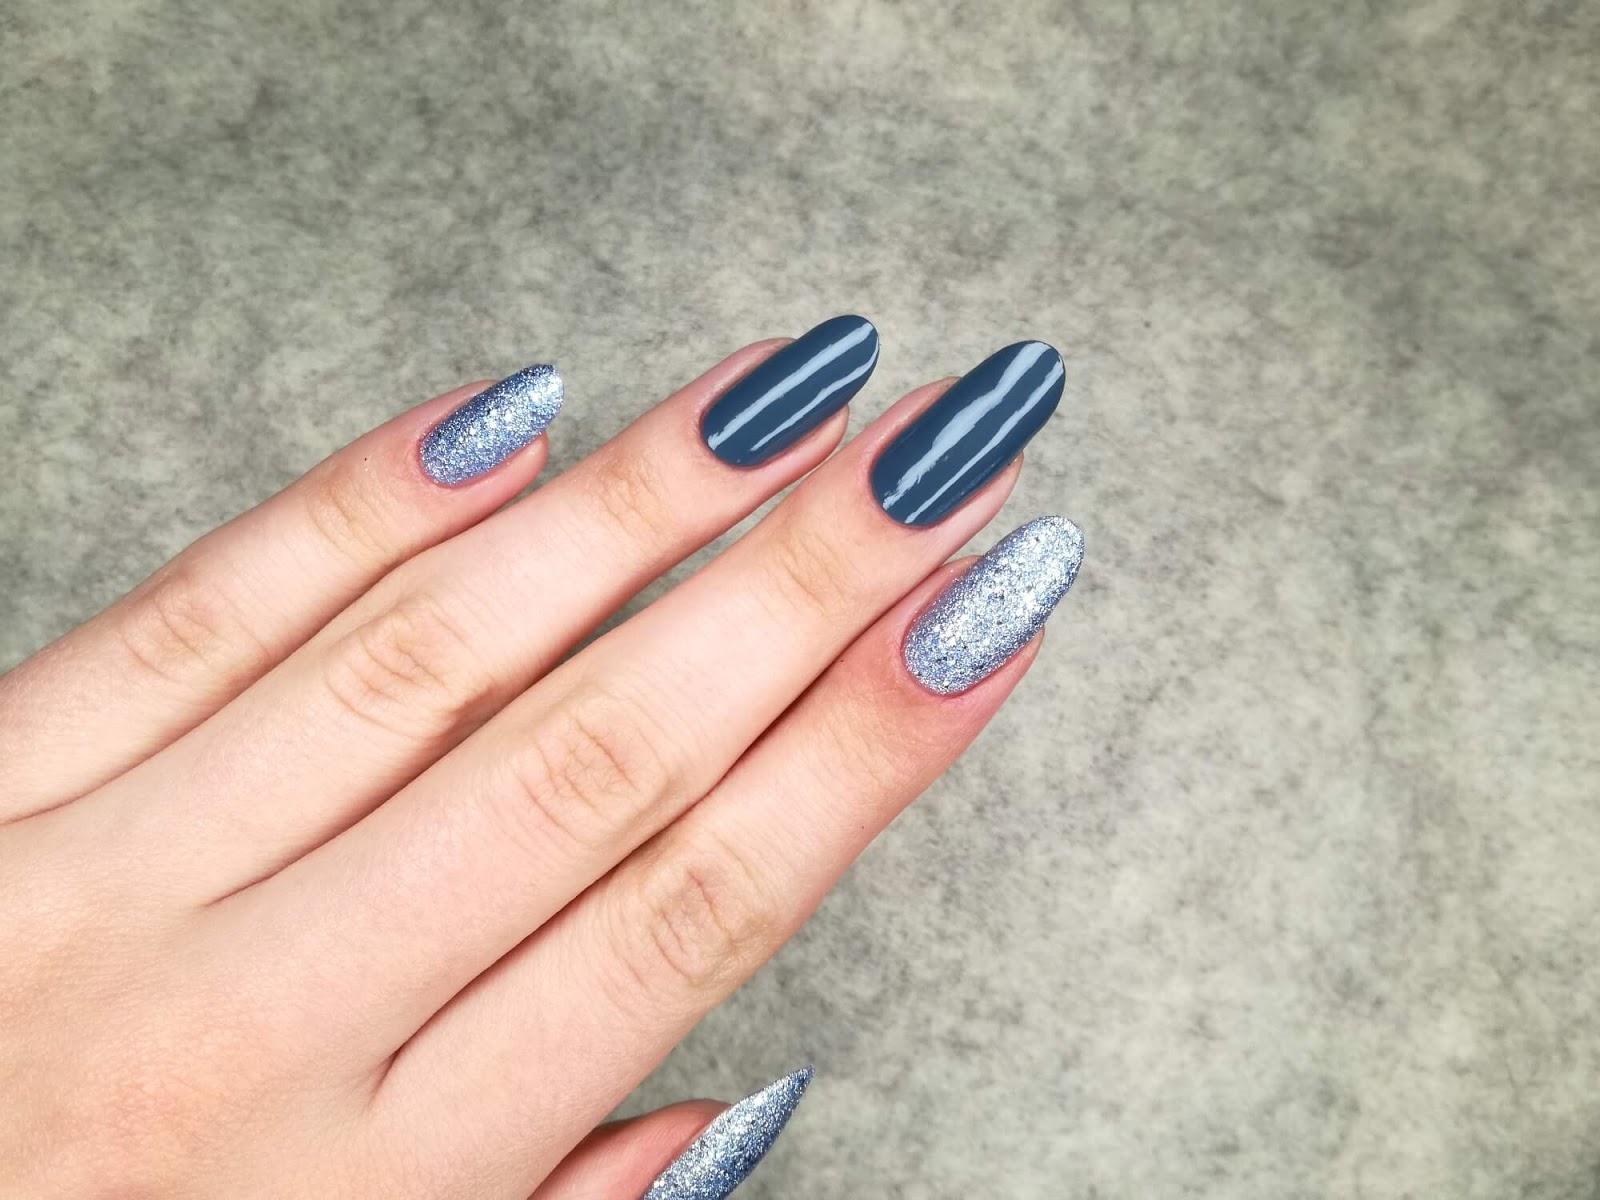 paznokcie błękitno-szare